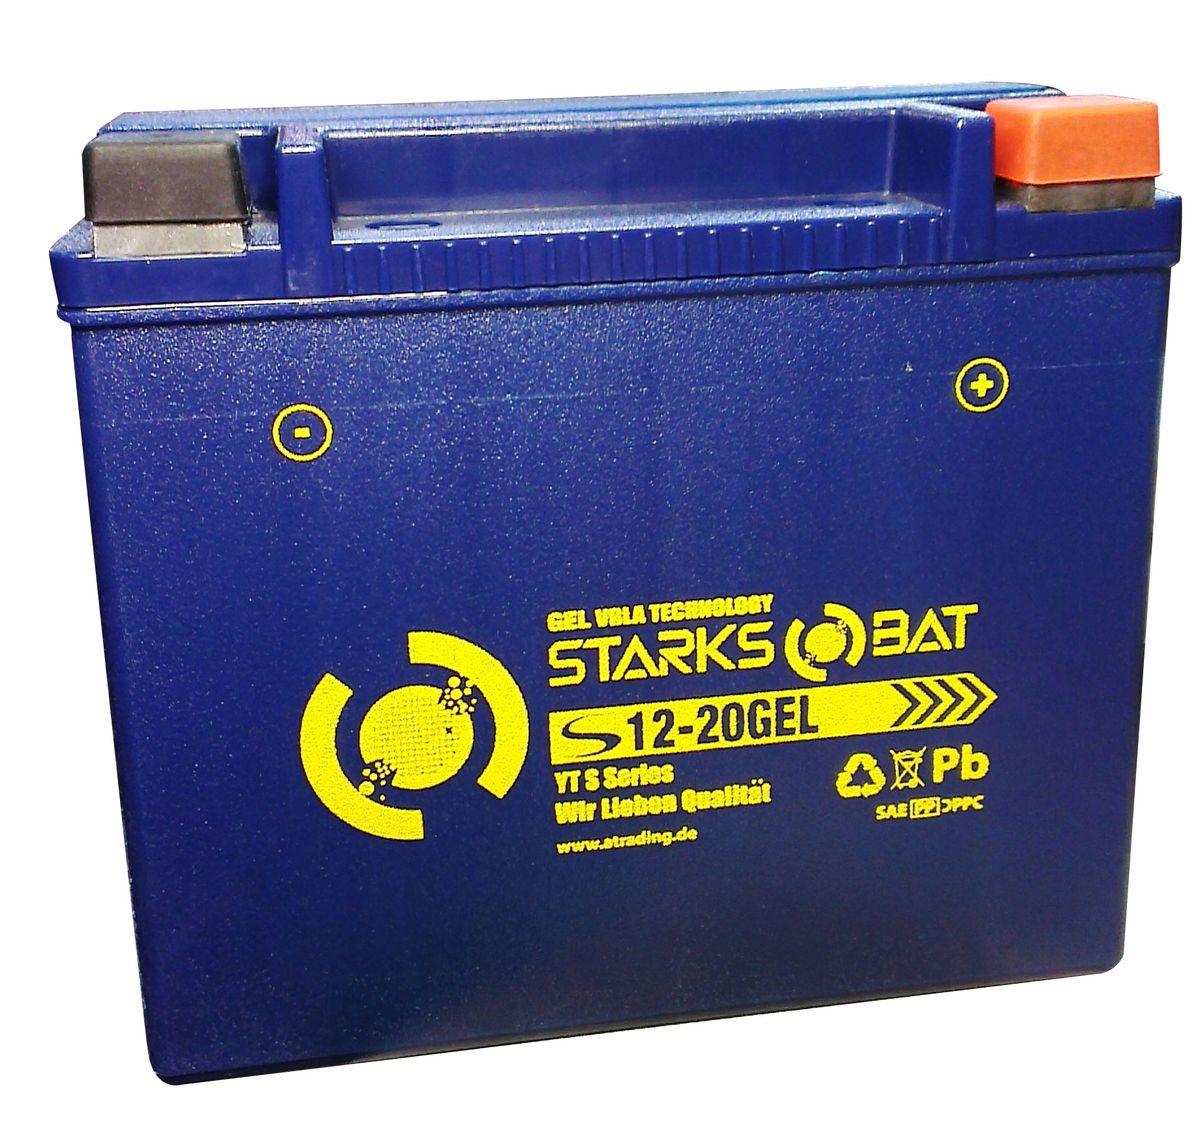 Батарея аккумуляторная для мотоциклов Starksbat. YT S 12-20 GEL (YTX20L-BS)YT S 12-20YT S 12-20 GEL (YTX20L-BS, YTX20HL-BS, YB16CL-B, YB16L-B, YB18L-A) Аккумуляторы для мотоциклов STARKSBAT производятся немецким концерном Active Trading GmbH. Аккумуляторы STARKSBAT изготовлены по технологии AGM, обеспечивающей повышенный уровень безопасности батареи и удобство ее эксплуатации. Корпус АКБ STARKSBAT выполнен из особо ударопрочного и морозостойкого полипропилена. Аккумуляторы STARKSBAT длительное время успешно продаются в США и Канаде, где блестяще доказали свои высокие эксплуатационные свойства в самых экстремальных условиях бездорожья, высоких и низких температур. Аккумуляторные батареи STARKSBAT производятся под знаменитым Немецким контролем качества, что обеспечивает им высокие пусковые характеристики и восстановление емкости даже после глубокого разряда.YT S 12-20 GEL Technology (YTX20L-BS, YTX20HL-BS, YB16CL-B, YB16L-B, YB18L-A)Параметры аккумулятора:Напряжение (В): 12 Емкость (А/Ч): 18 Размеры (мм): 175х87х155 Полярность: Обратная (-+) Ток холодной прокрутки: 310 Аh (EN)Корпус АКБ STARKSBAT выполнен из особо ударопрочного и морозостойкого полипропилена